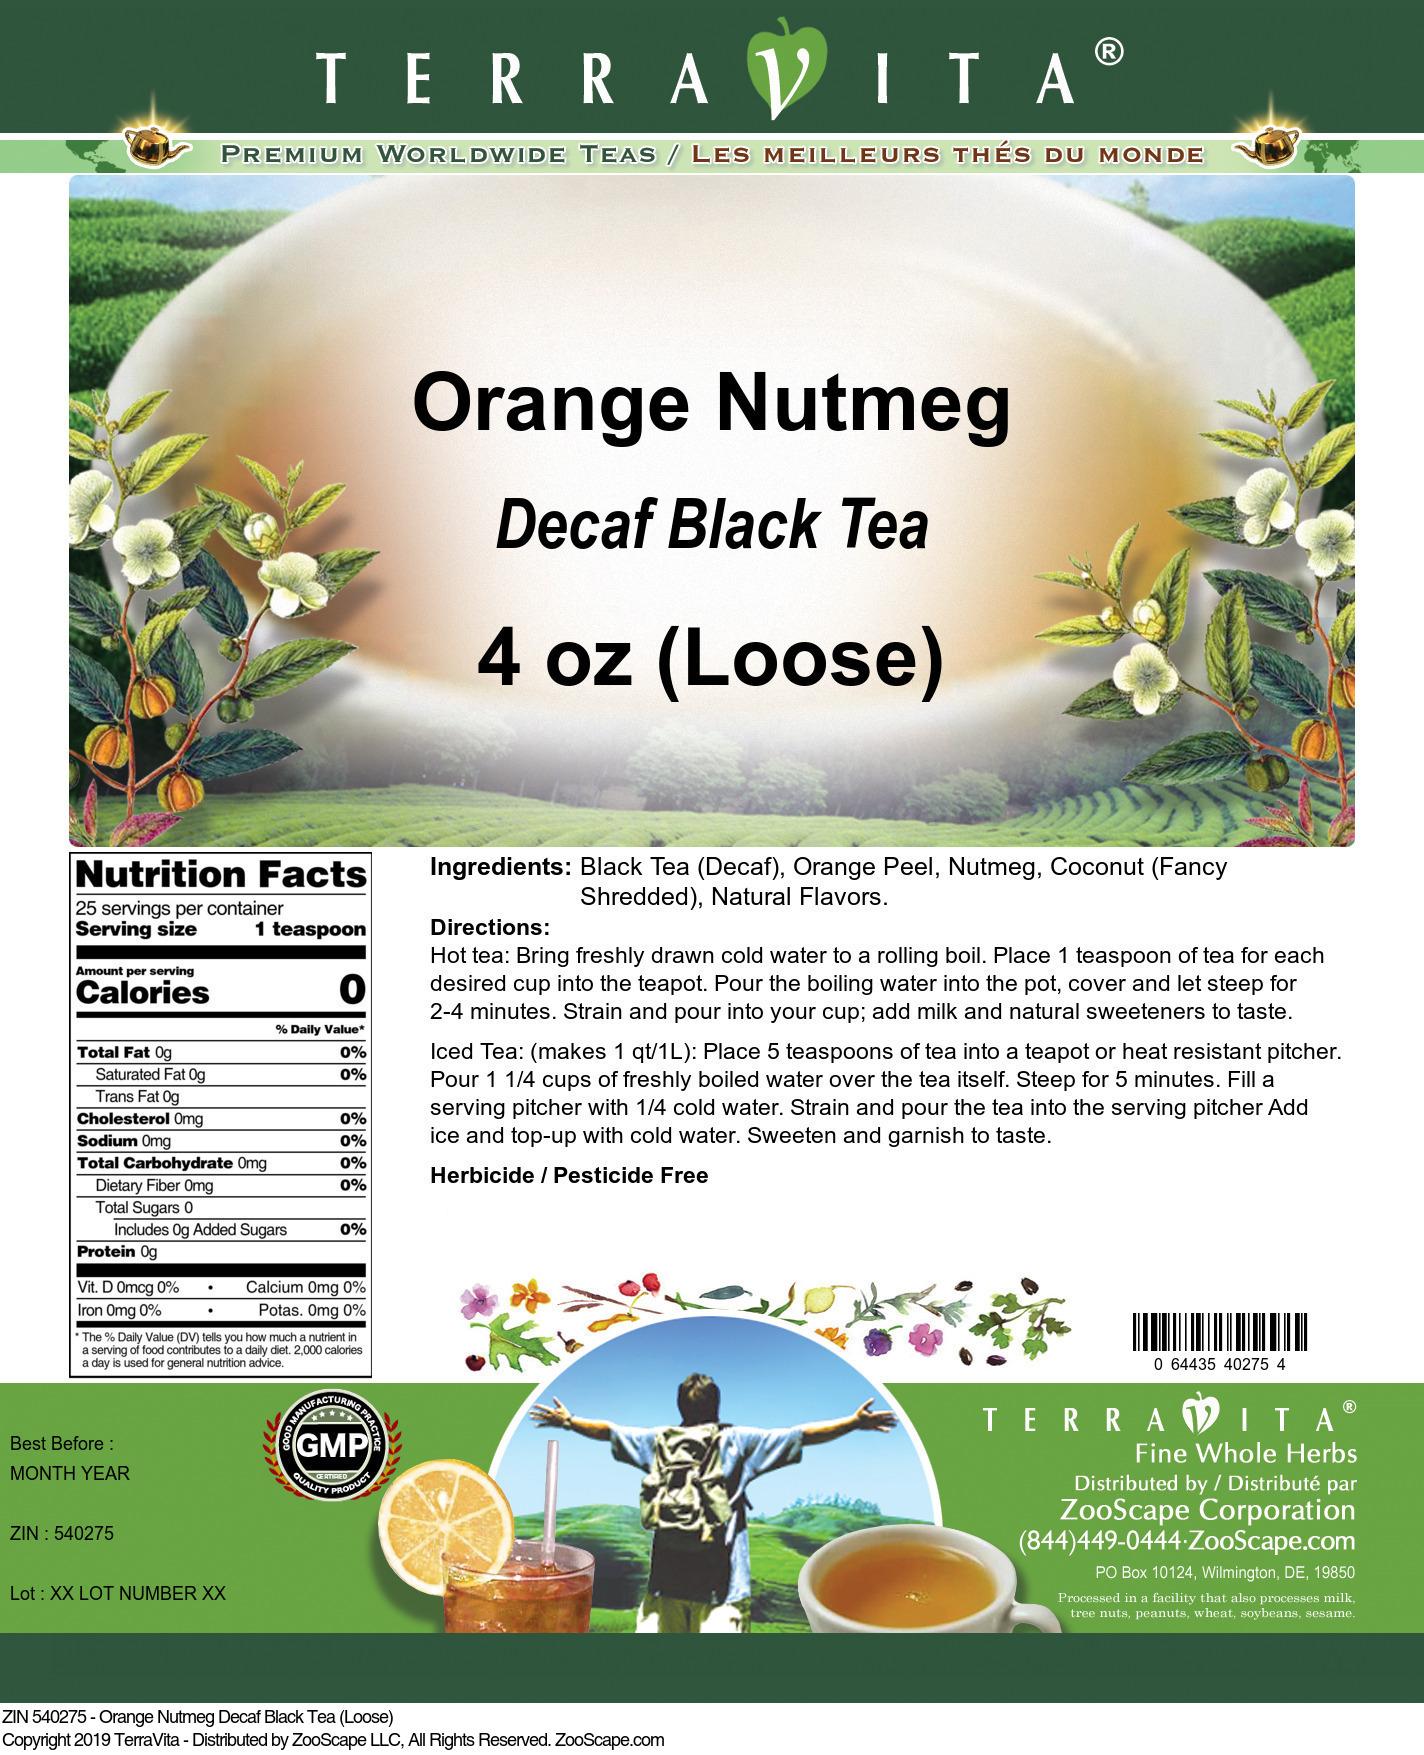 Orange Nutmeg Decaf Black Tea (Loose)